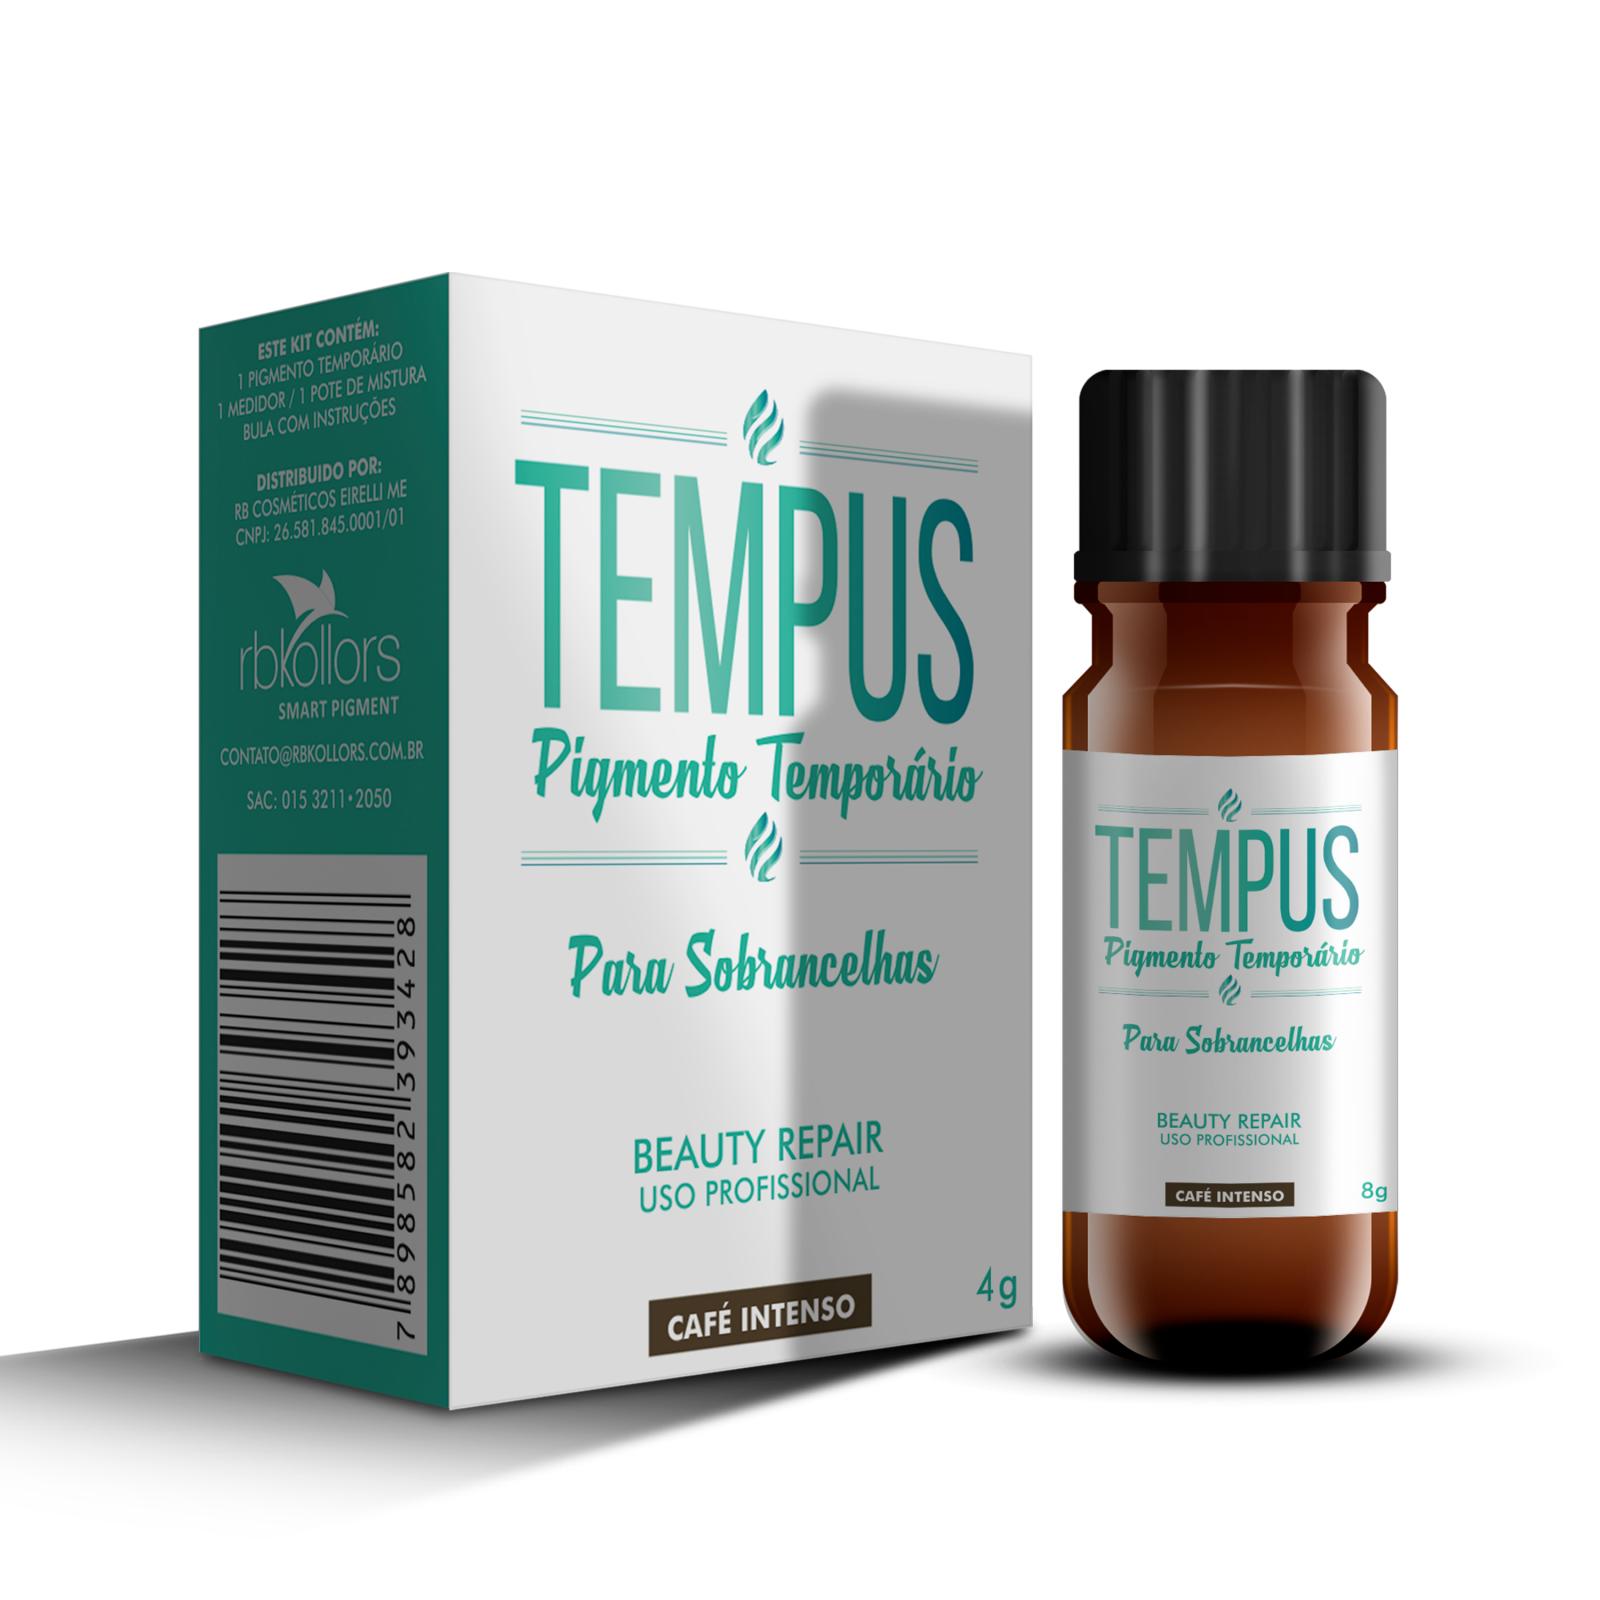 TEMPUS PIGMENTO TEMPORARIO CAFE INTENSO 4G - RB Kollors